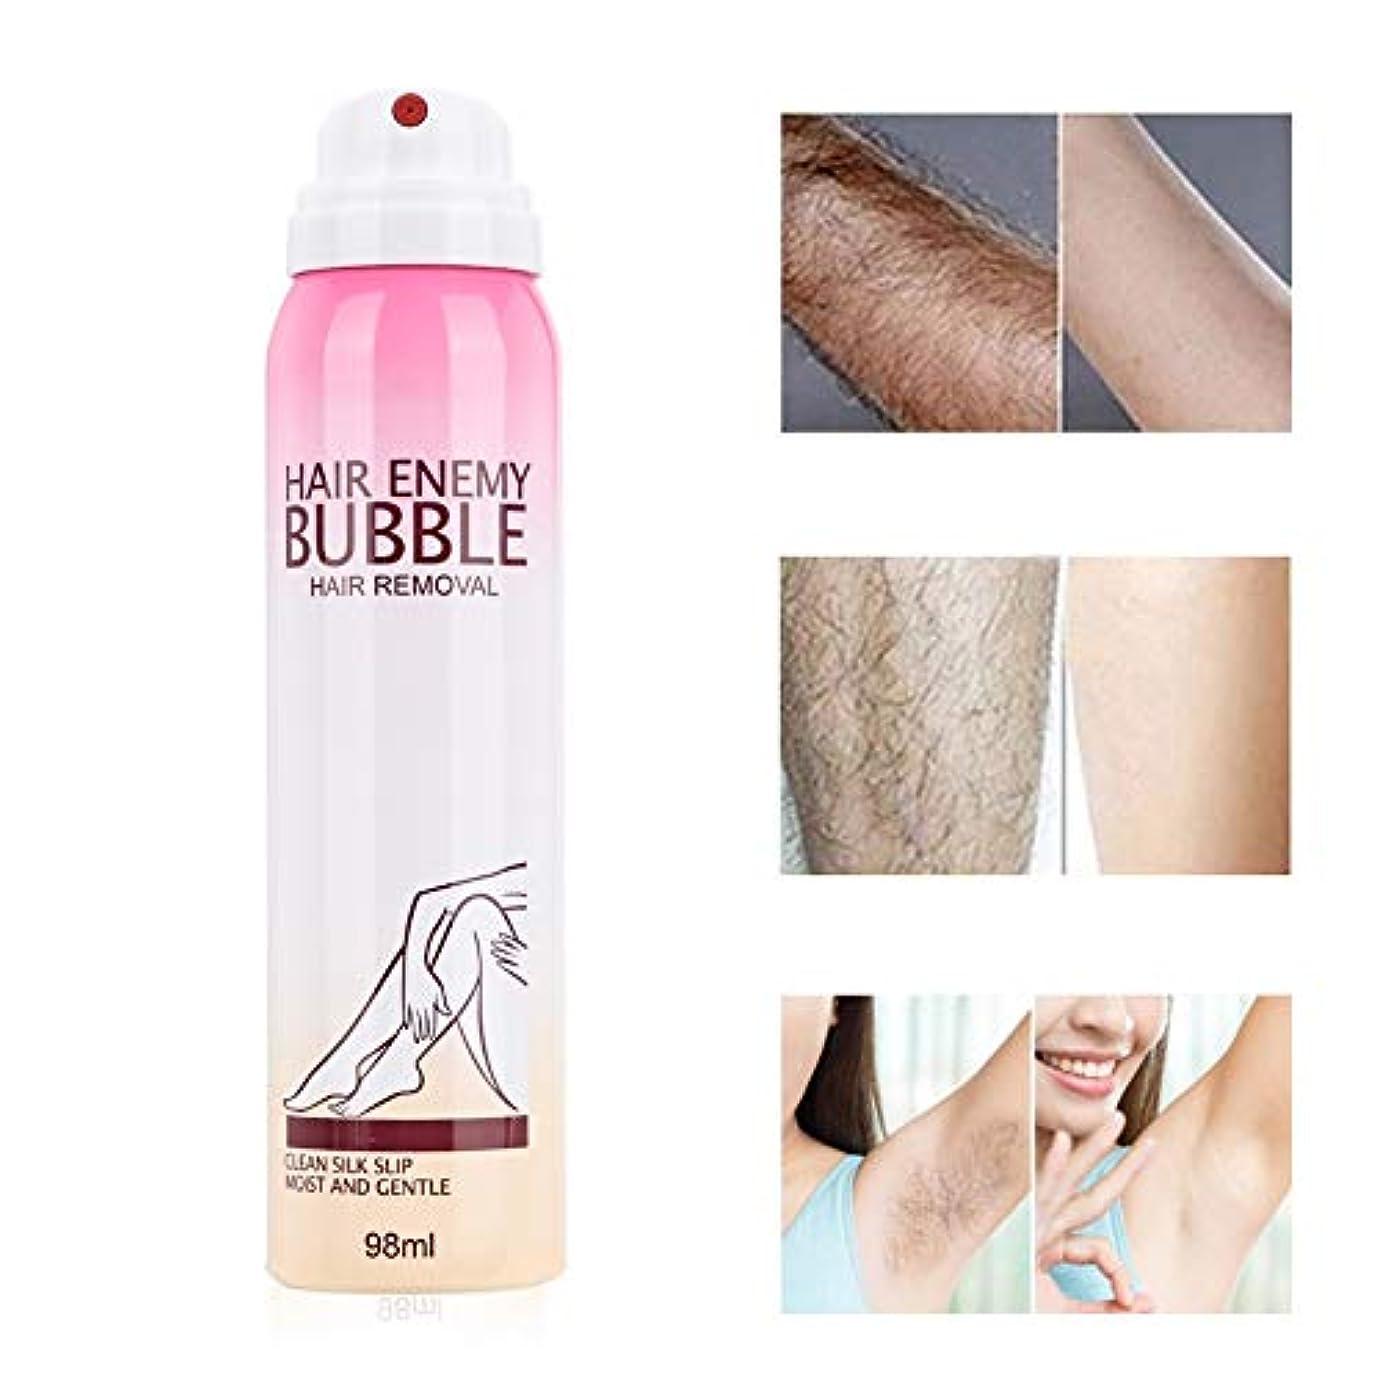 火傷糸直立泡毛除去クリーム、ナチュラル痛みのない肌にやさしいソフトと長続きがする女性のためのヘアリムーバースプレー穏やかな脱毛スプレーフォームクリーム98ミリリットル